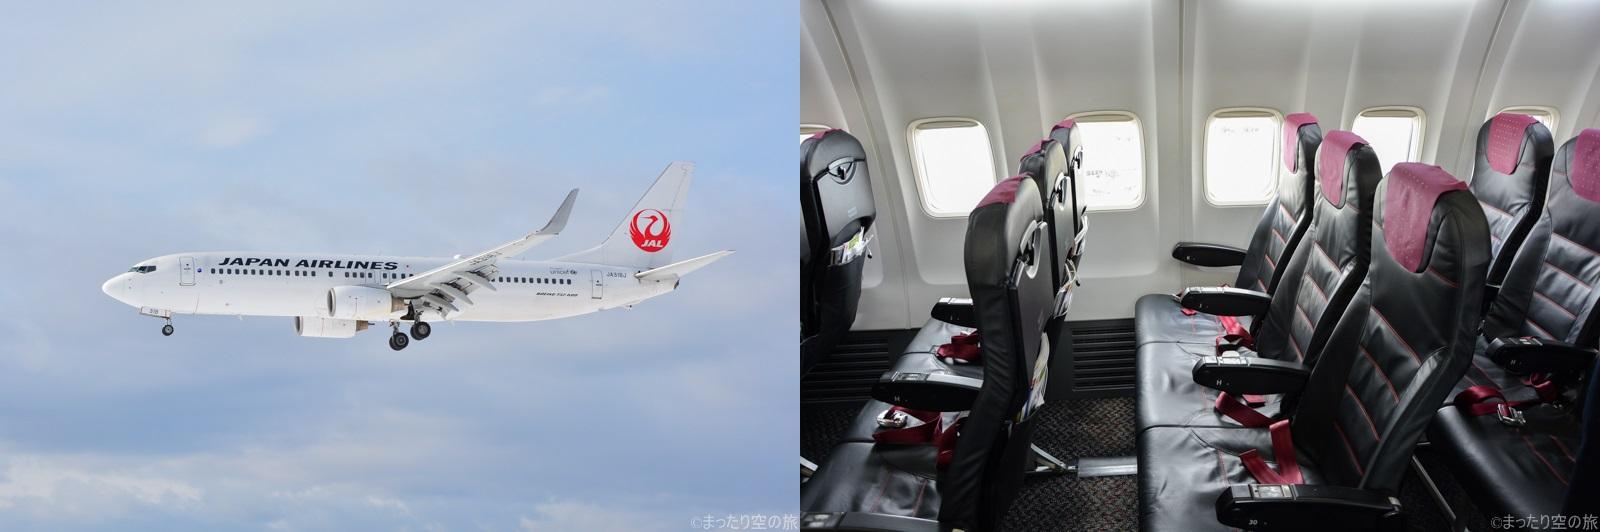 JALのB737-800の座席と機体